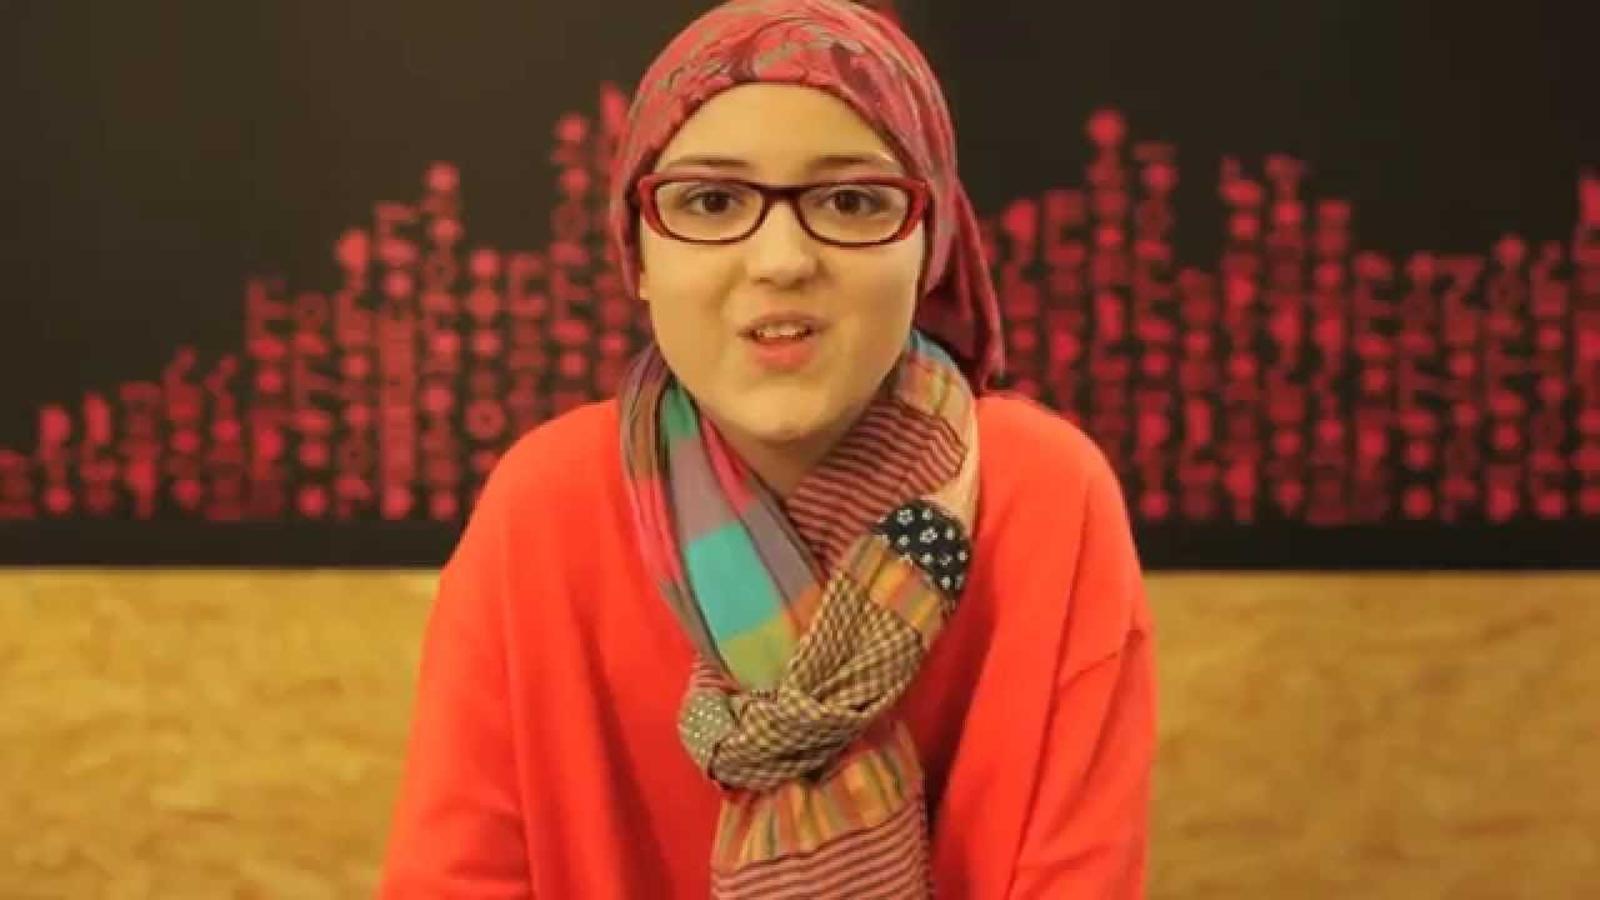 La solidaritat de dues nenes recapta un milió d'euros per a la lluita contra el càncer